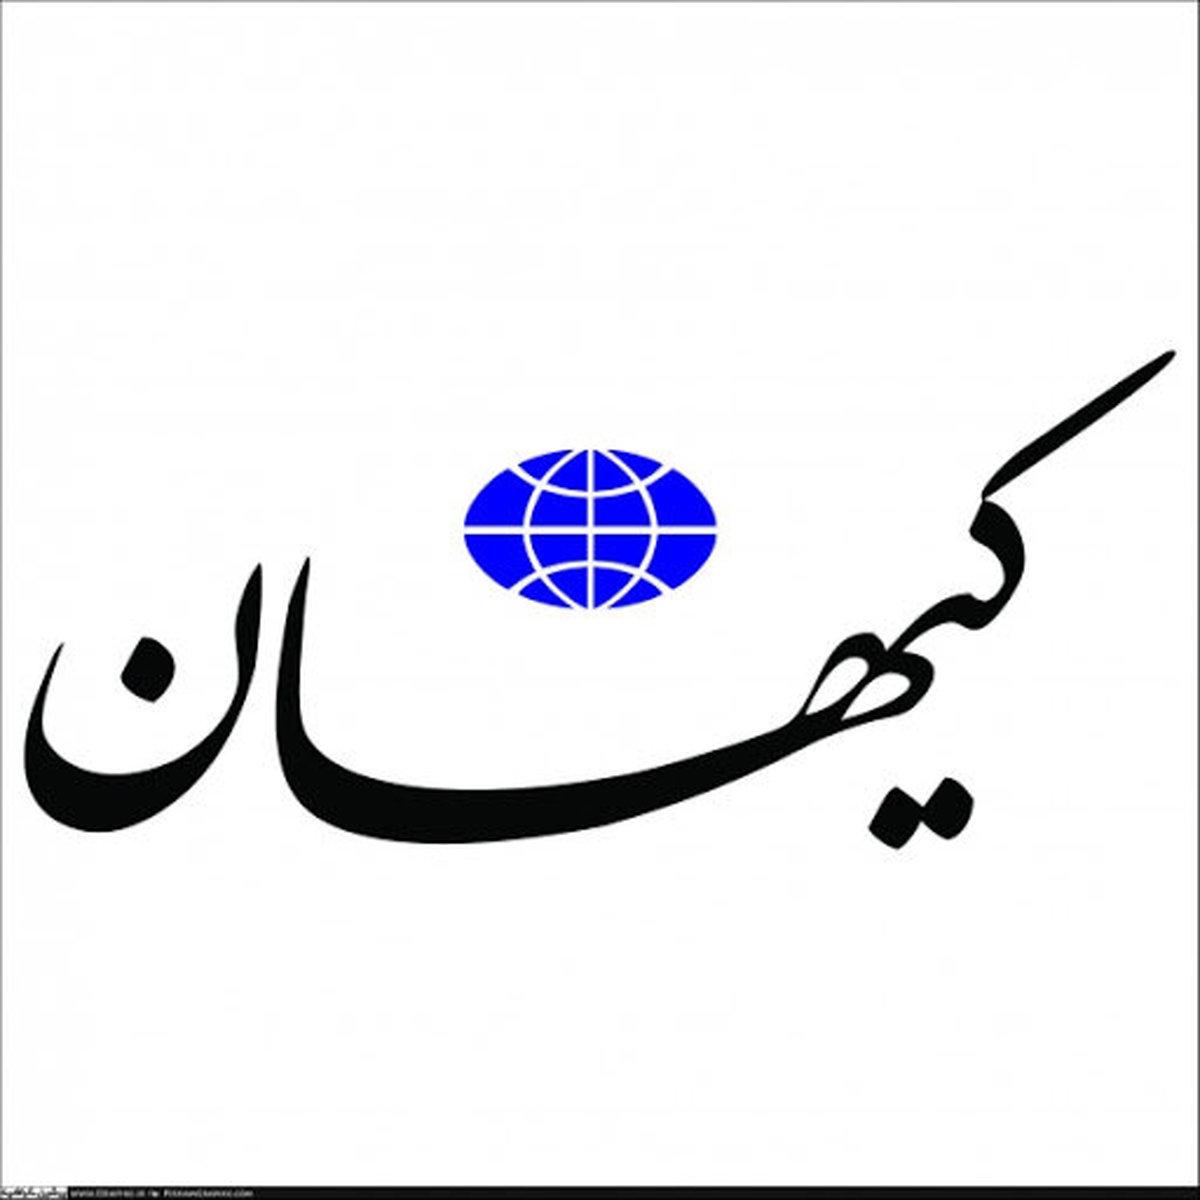 کیهان  به اظهار نظر برخی چهره های سیاسی حمله کرد